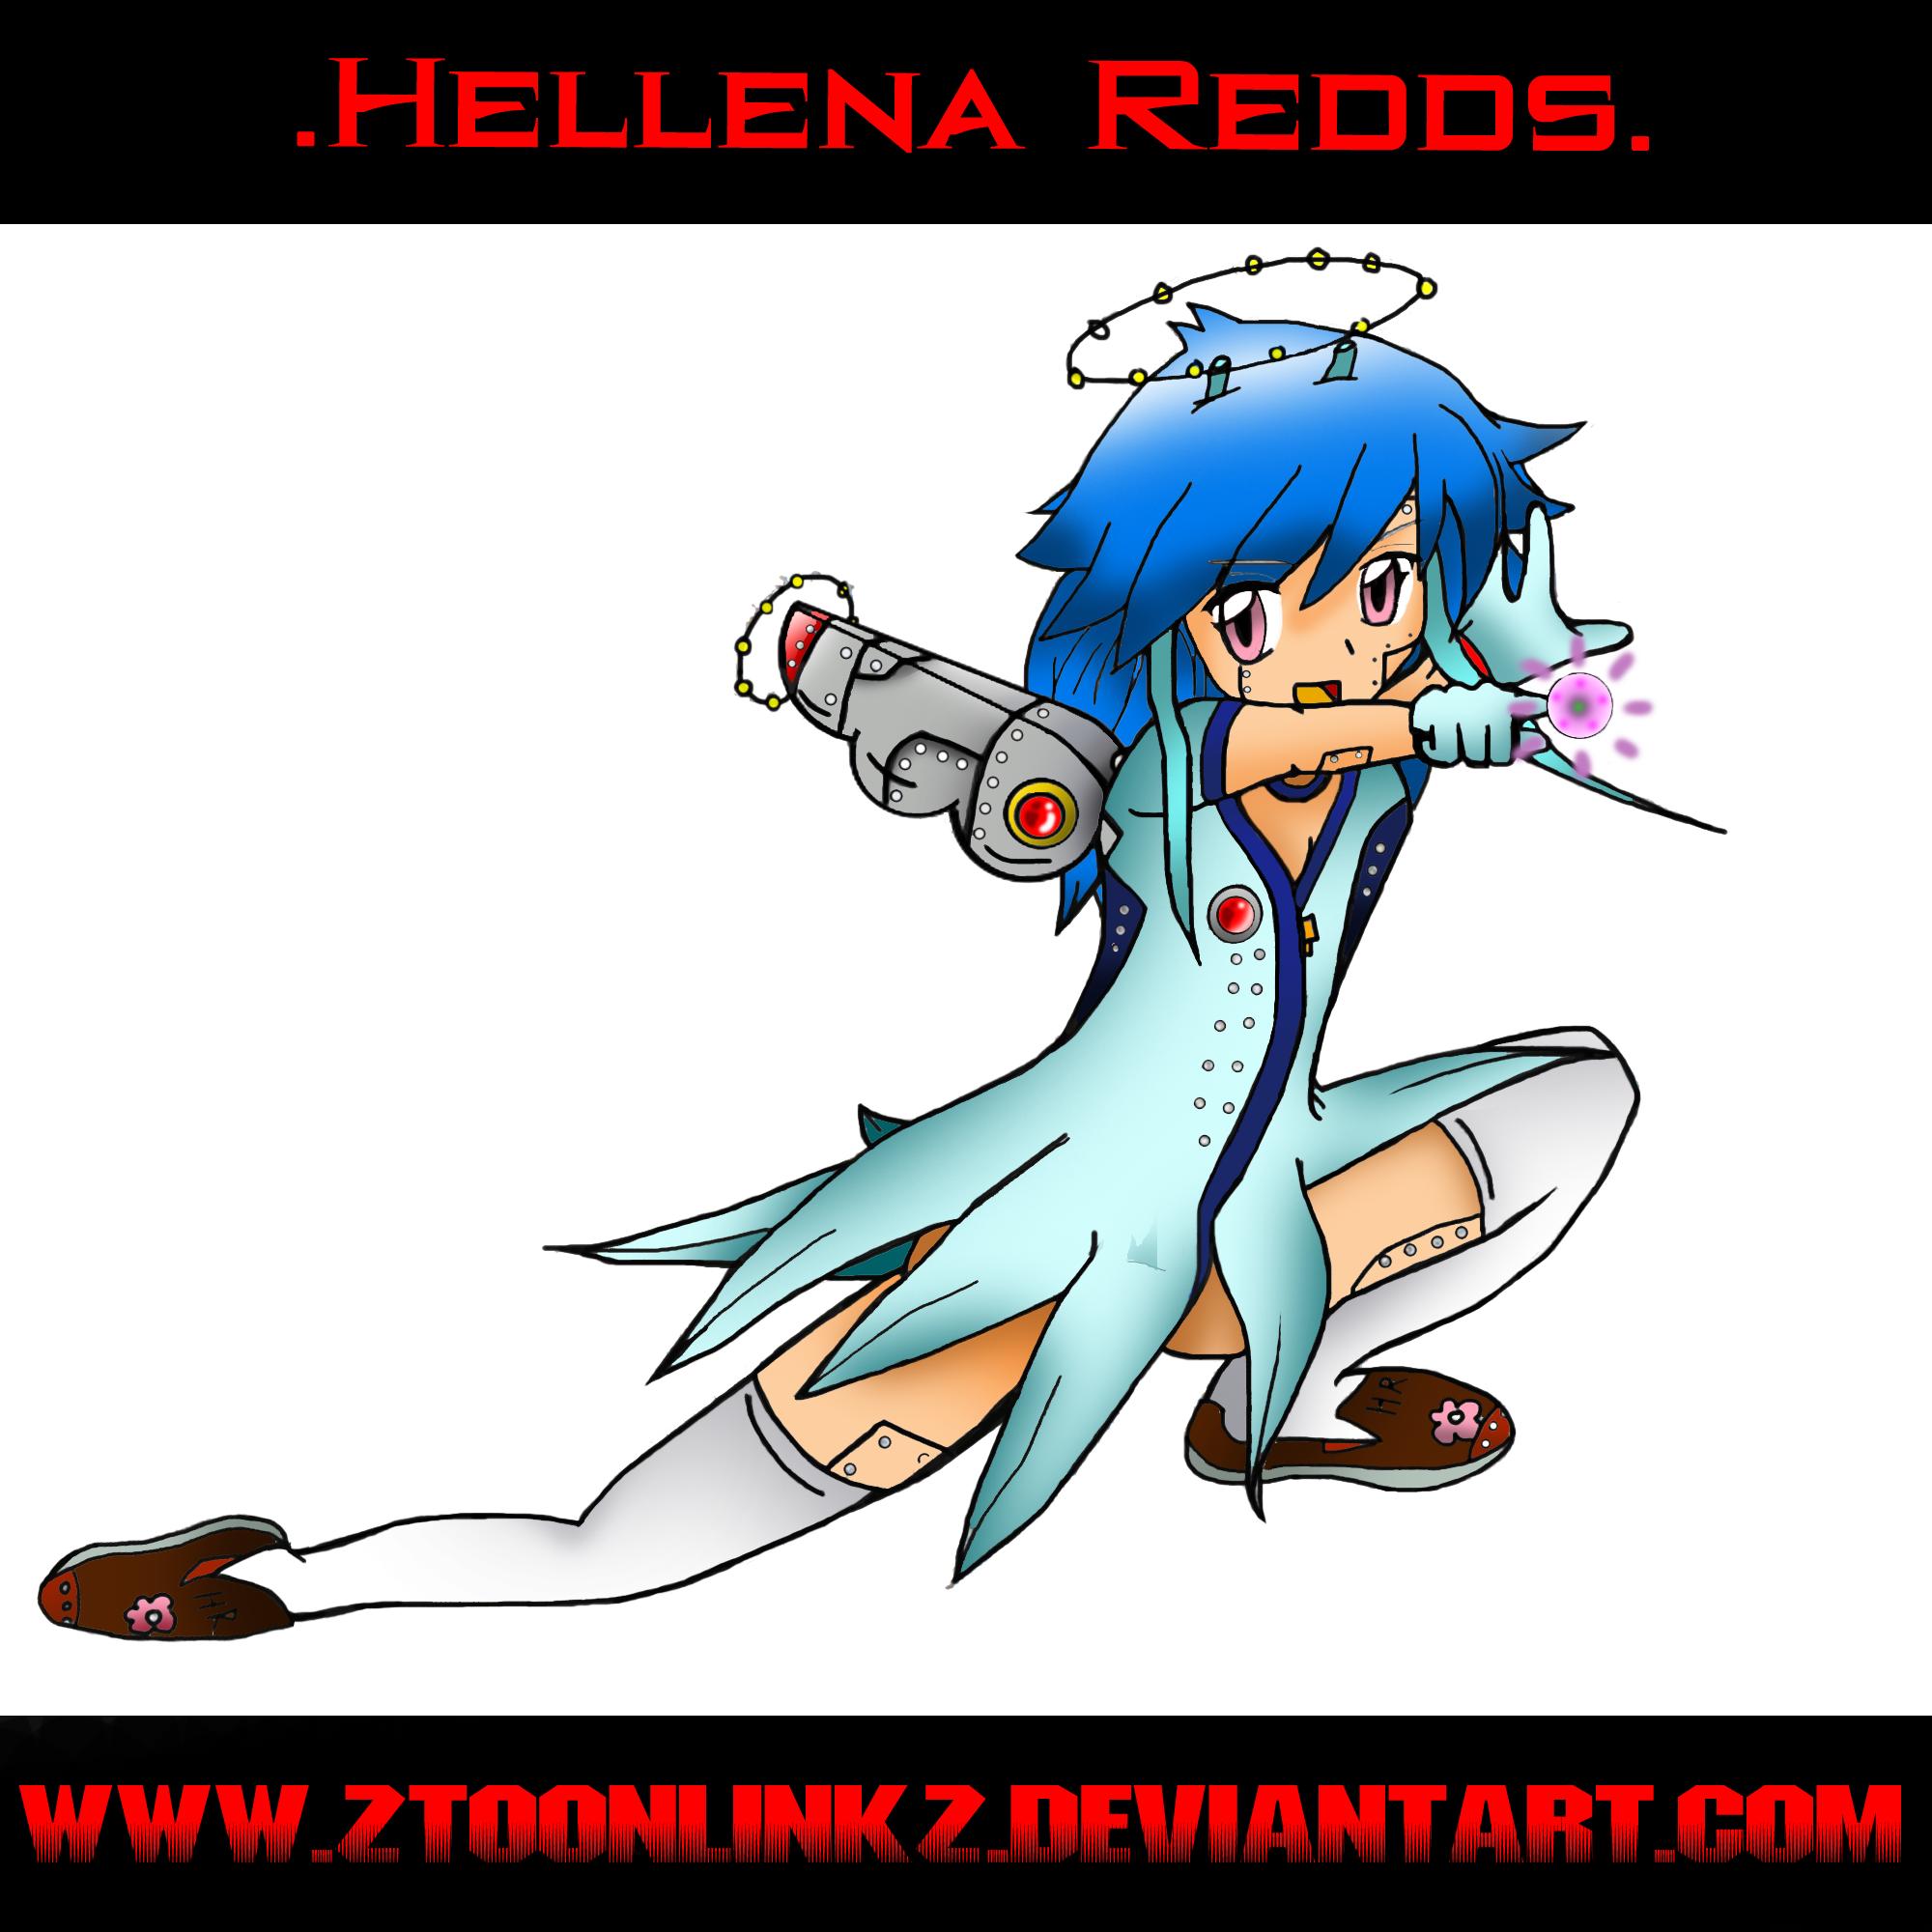 .Hellena Redds.